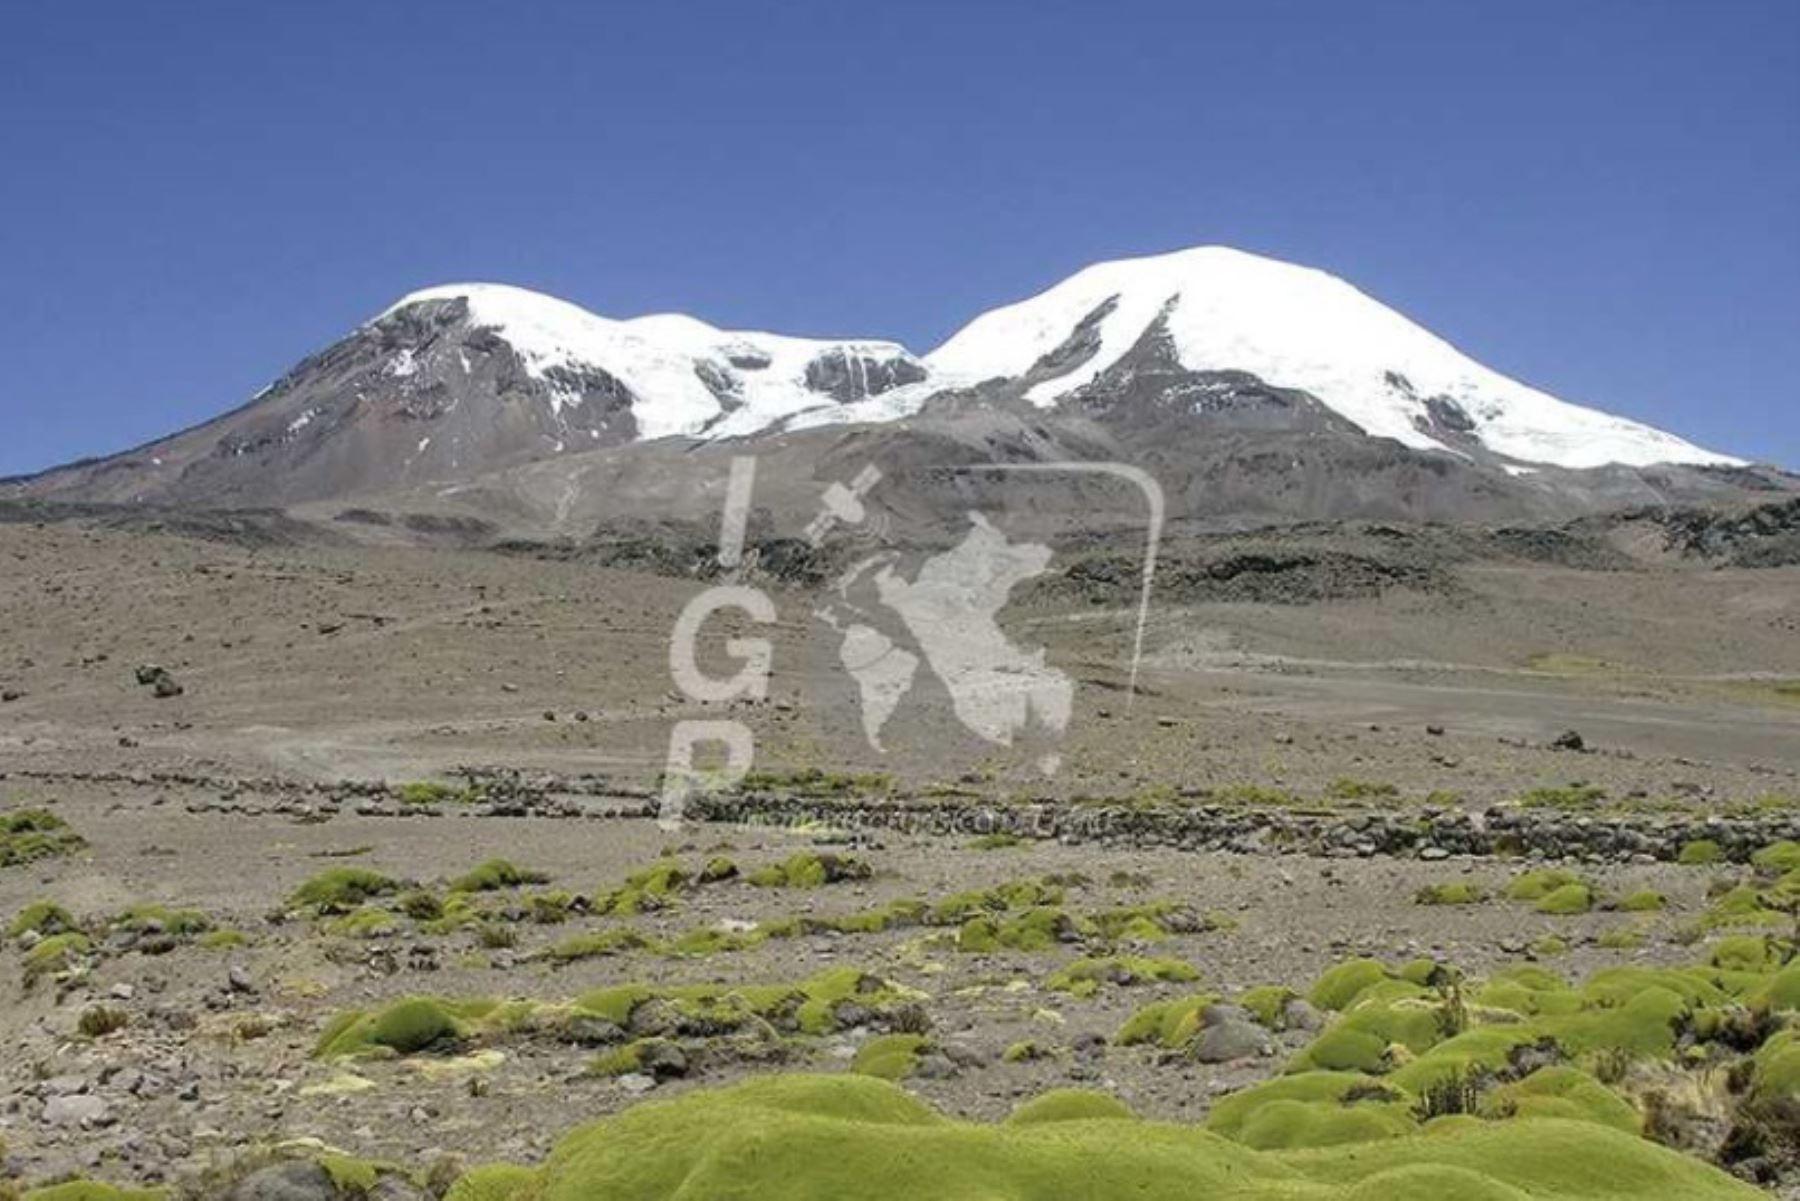 El volcán Coropuna tiene en su cercanía a pueblos con más de 25 mil habitantes, más de 13 mil hectáreas de cultivo y un potencial turístico que involucra su capa glaciar.ANDINA/Difusión